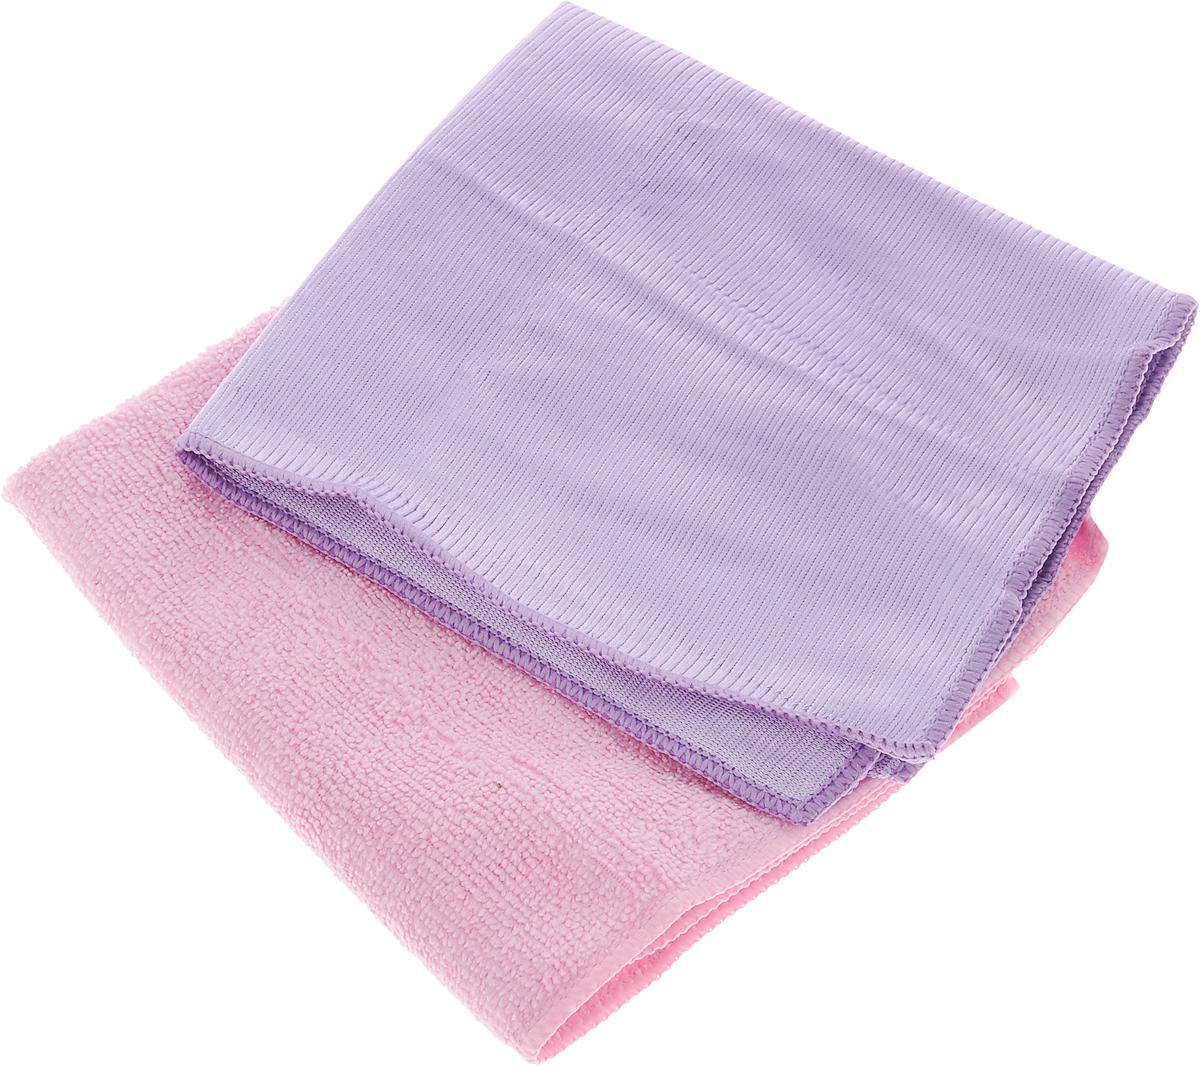 Салфетки для мытья окон Чистюля, цвет: сиреневый, розовый, 35 х 35 см, 2 штМФ011_сиреневый, розовыйСалфетка Чистюля выполнена из микрофибры (полиэстер и полиамид). Изделие отлично впитывает влагу, не оставляет разводов, быстро сохнет, сохраняет яркость цвета и не теряет форму даже после многократных стирок. Салфетка подходит для мытья окон и зеркал. Протертая поверхность становится идеально чистой, сухой и блестящей. Такая салфетка очень практична и неприхотлива в уходе. Размер салфетки: 35 х 35 см.